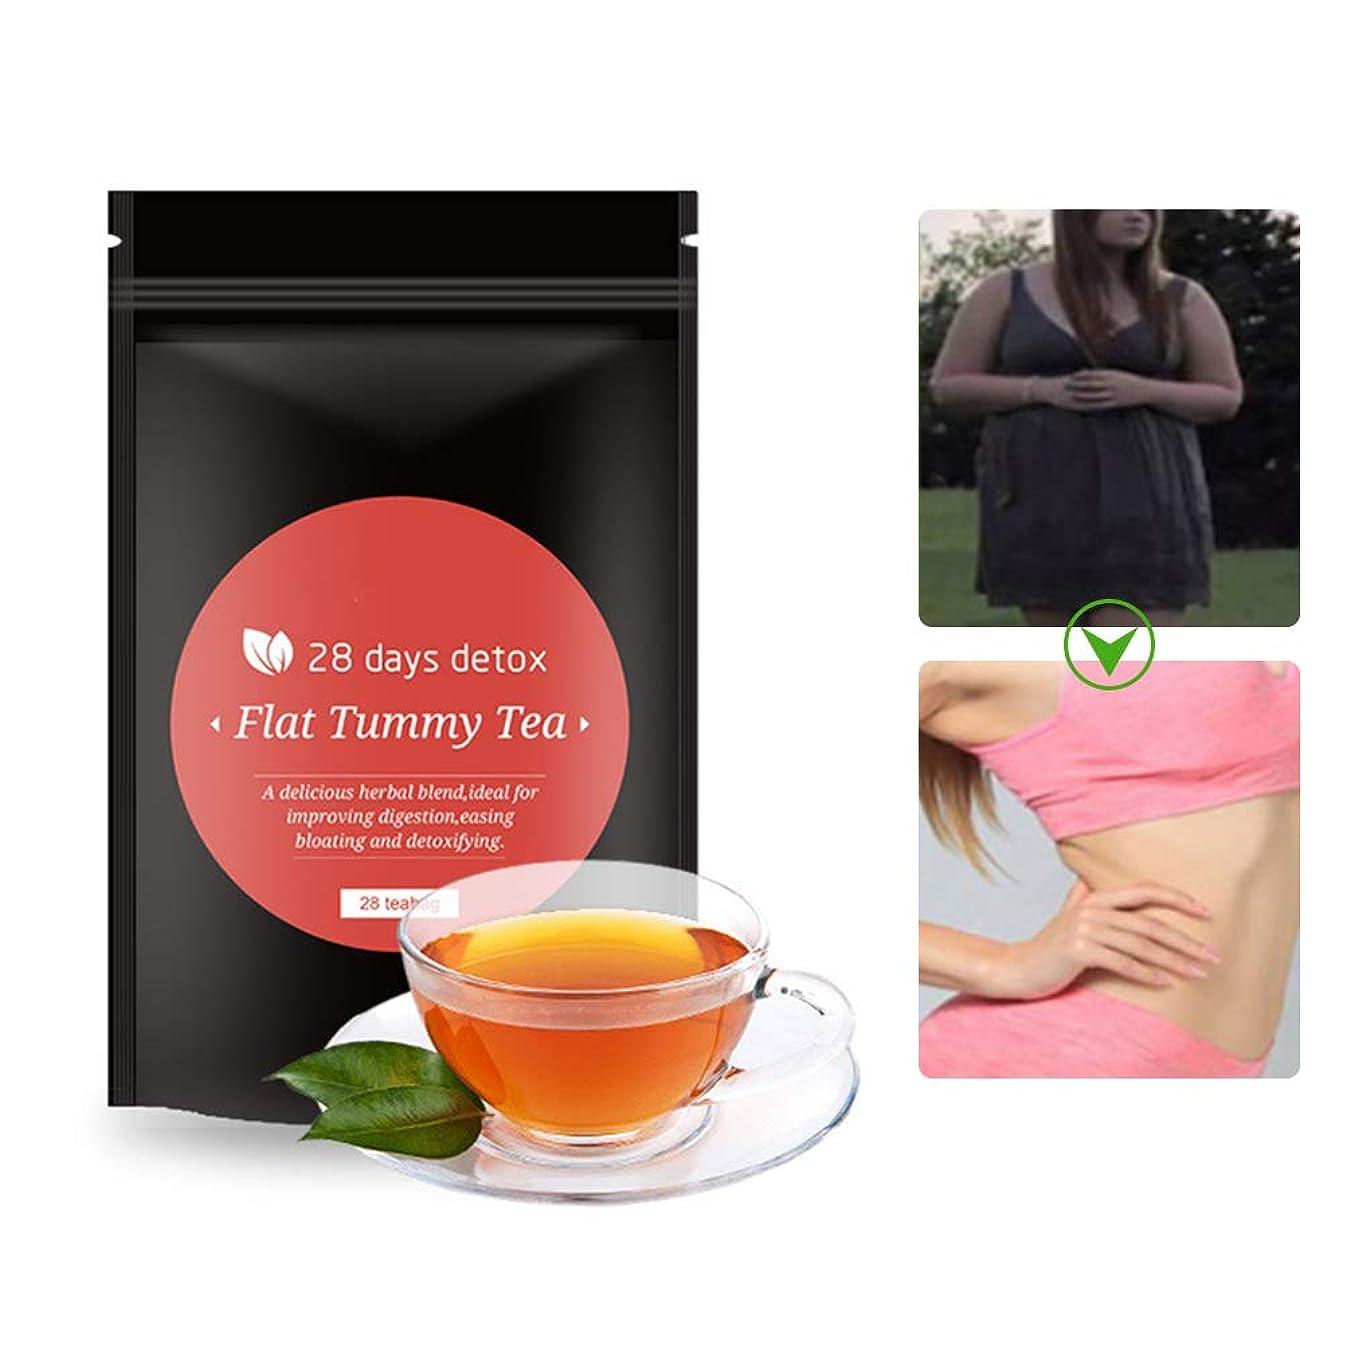 シェルからに変化するセラーUrhomy 減量茶 スリミング茶 スリミングパッチ 脂肪燃焼パッチ 健康茶 スリミングデトックスクレンジングドリンク フィットネス体 スリムケア ダイエット スリム 美ボディ サポート 女性 ナチュラル ビューティーボディスリムケアティー 天然抗酸化物質 ウーロン茶 代謝促進